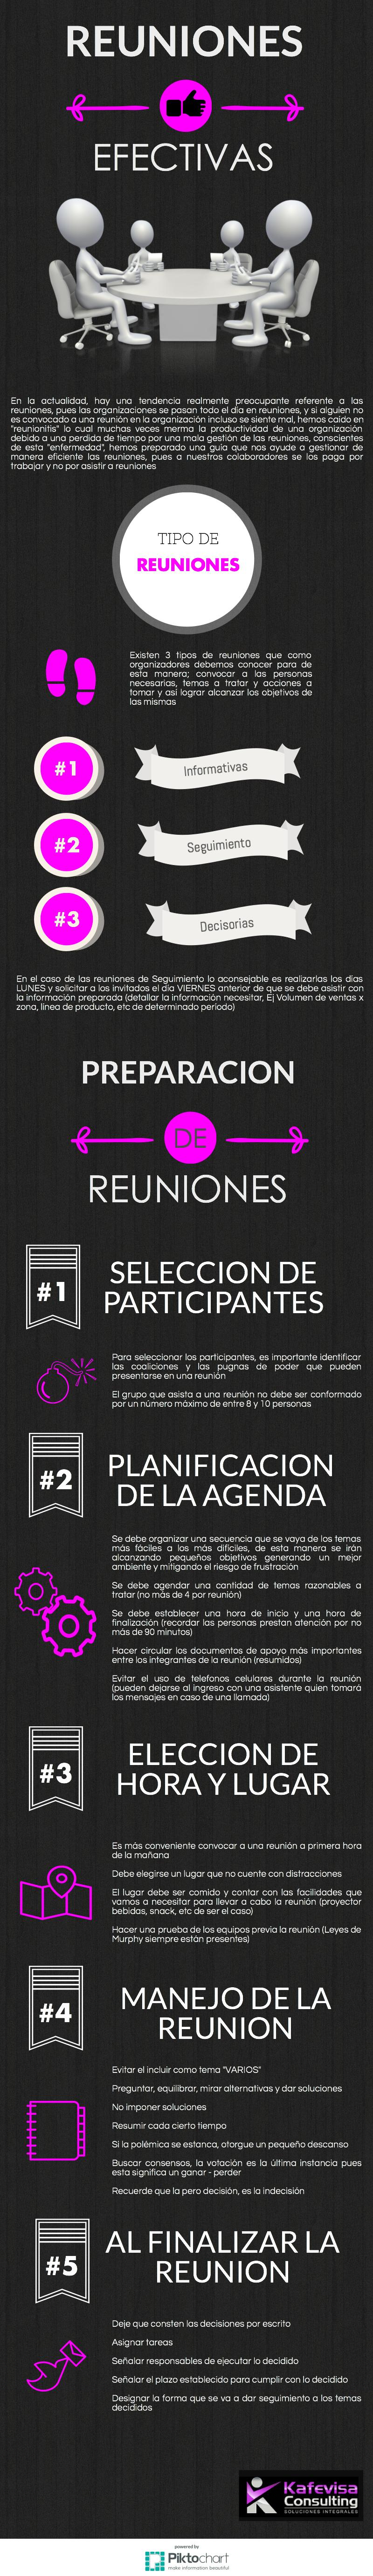 REUNIONES-2